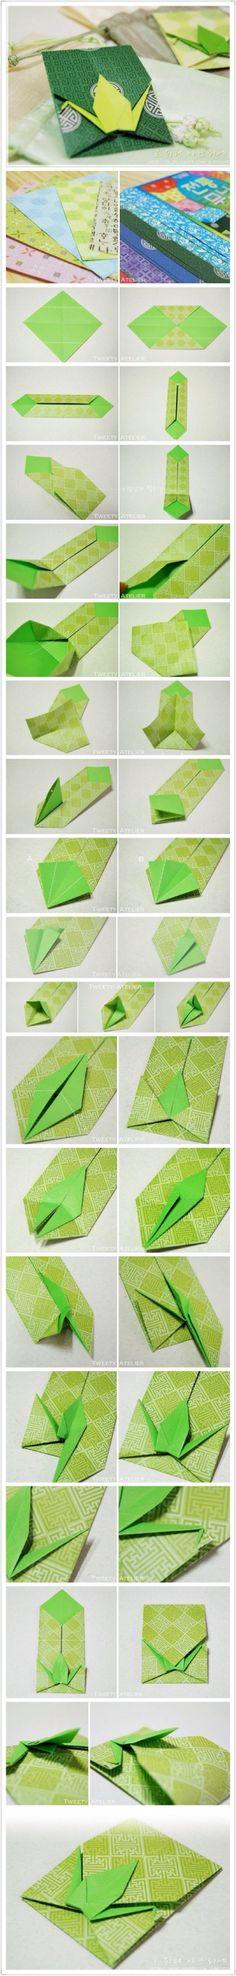 千纸鹤折纸...来自半个丑角的图片分享-堆糖